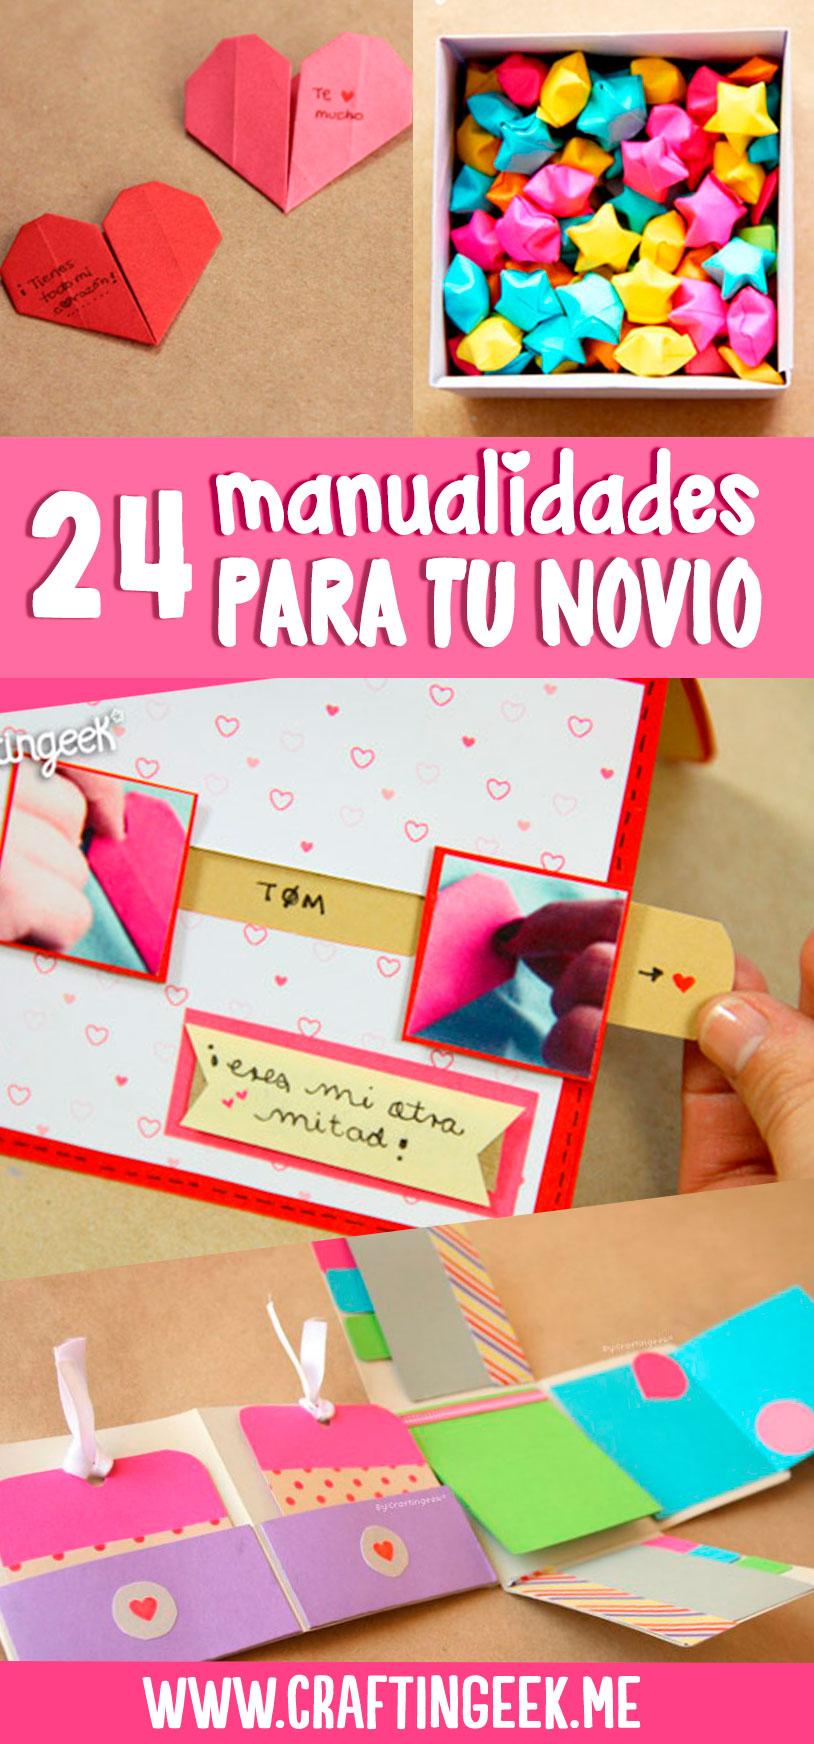 24 manualidades para tu novio: el regalo perfecto para san valentín